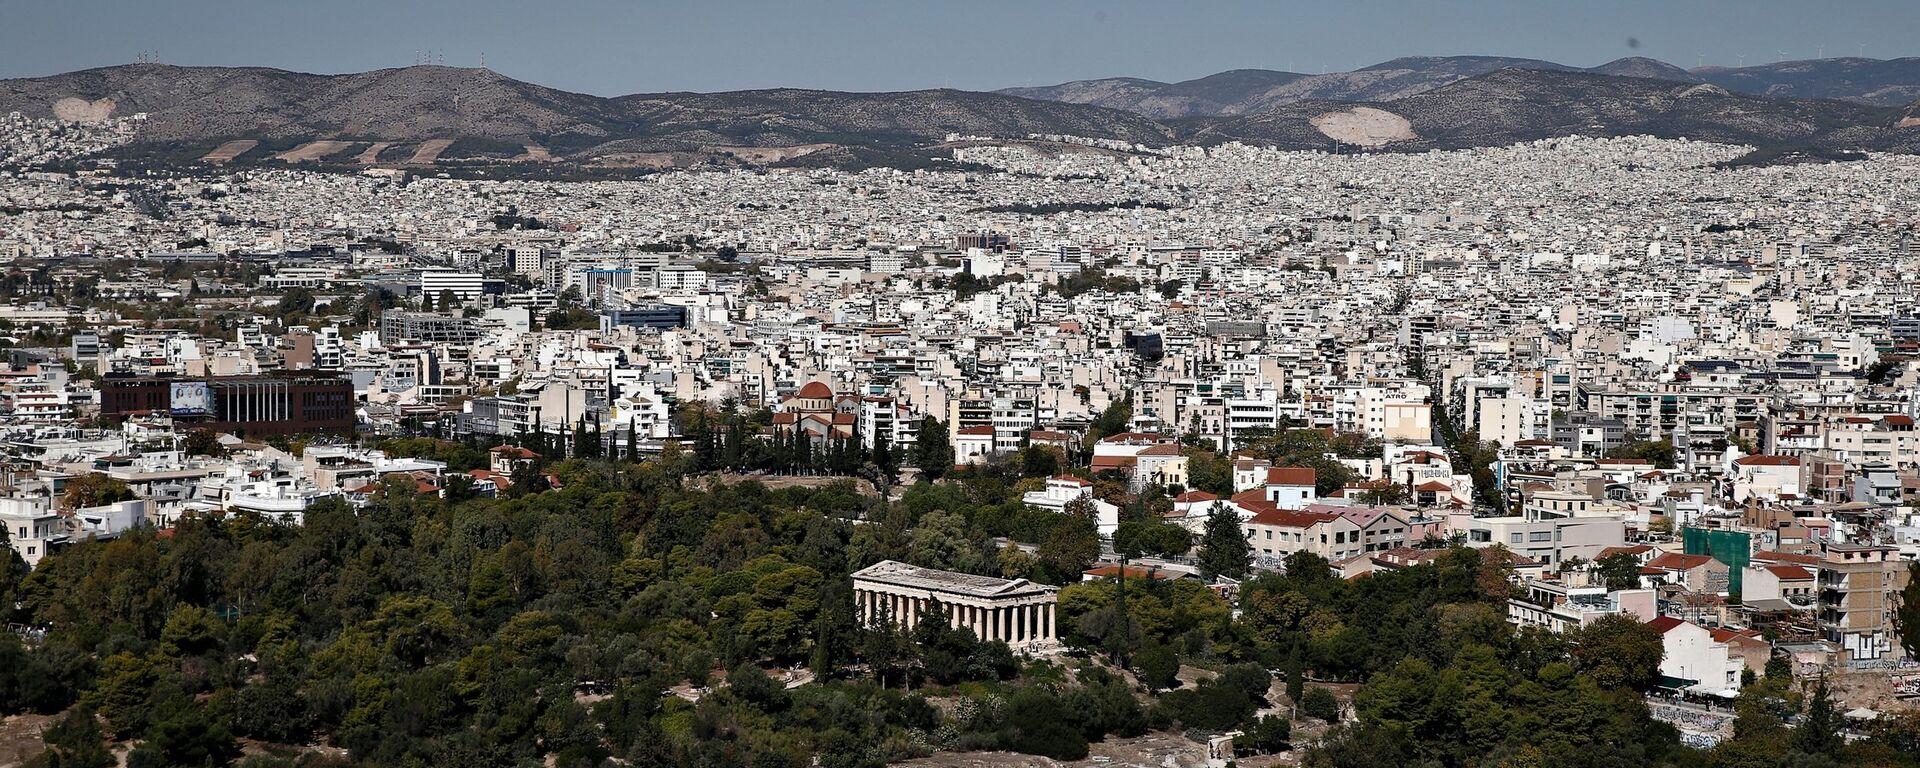 Αθήνα - Sputnik Ελλάδα, 1920, 27.10.2020